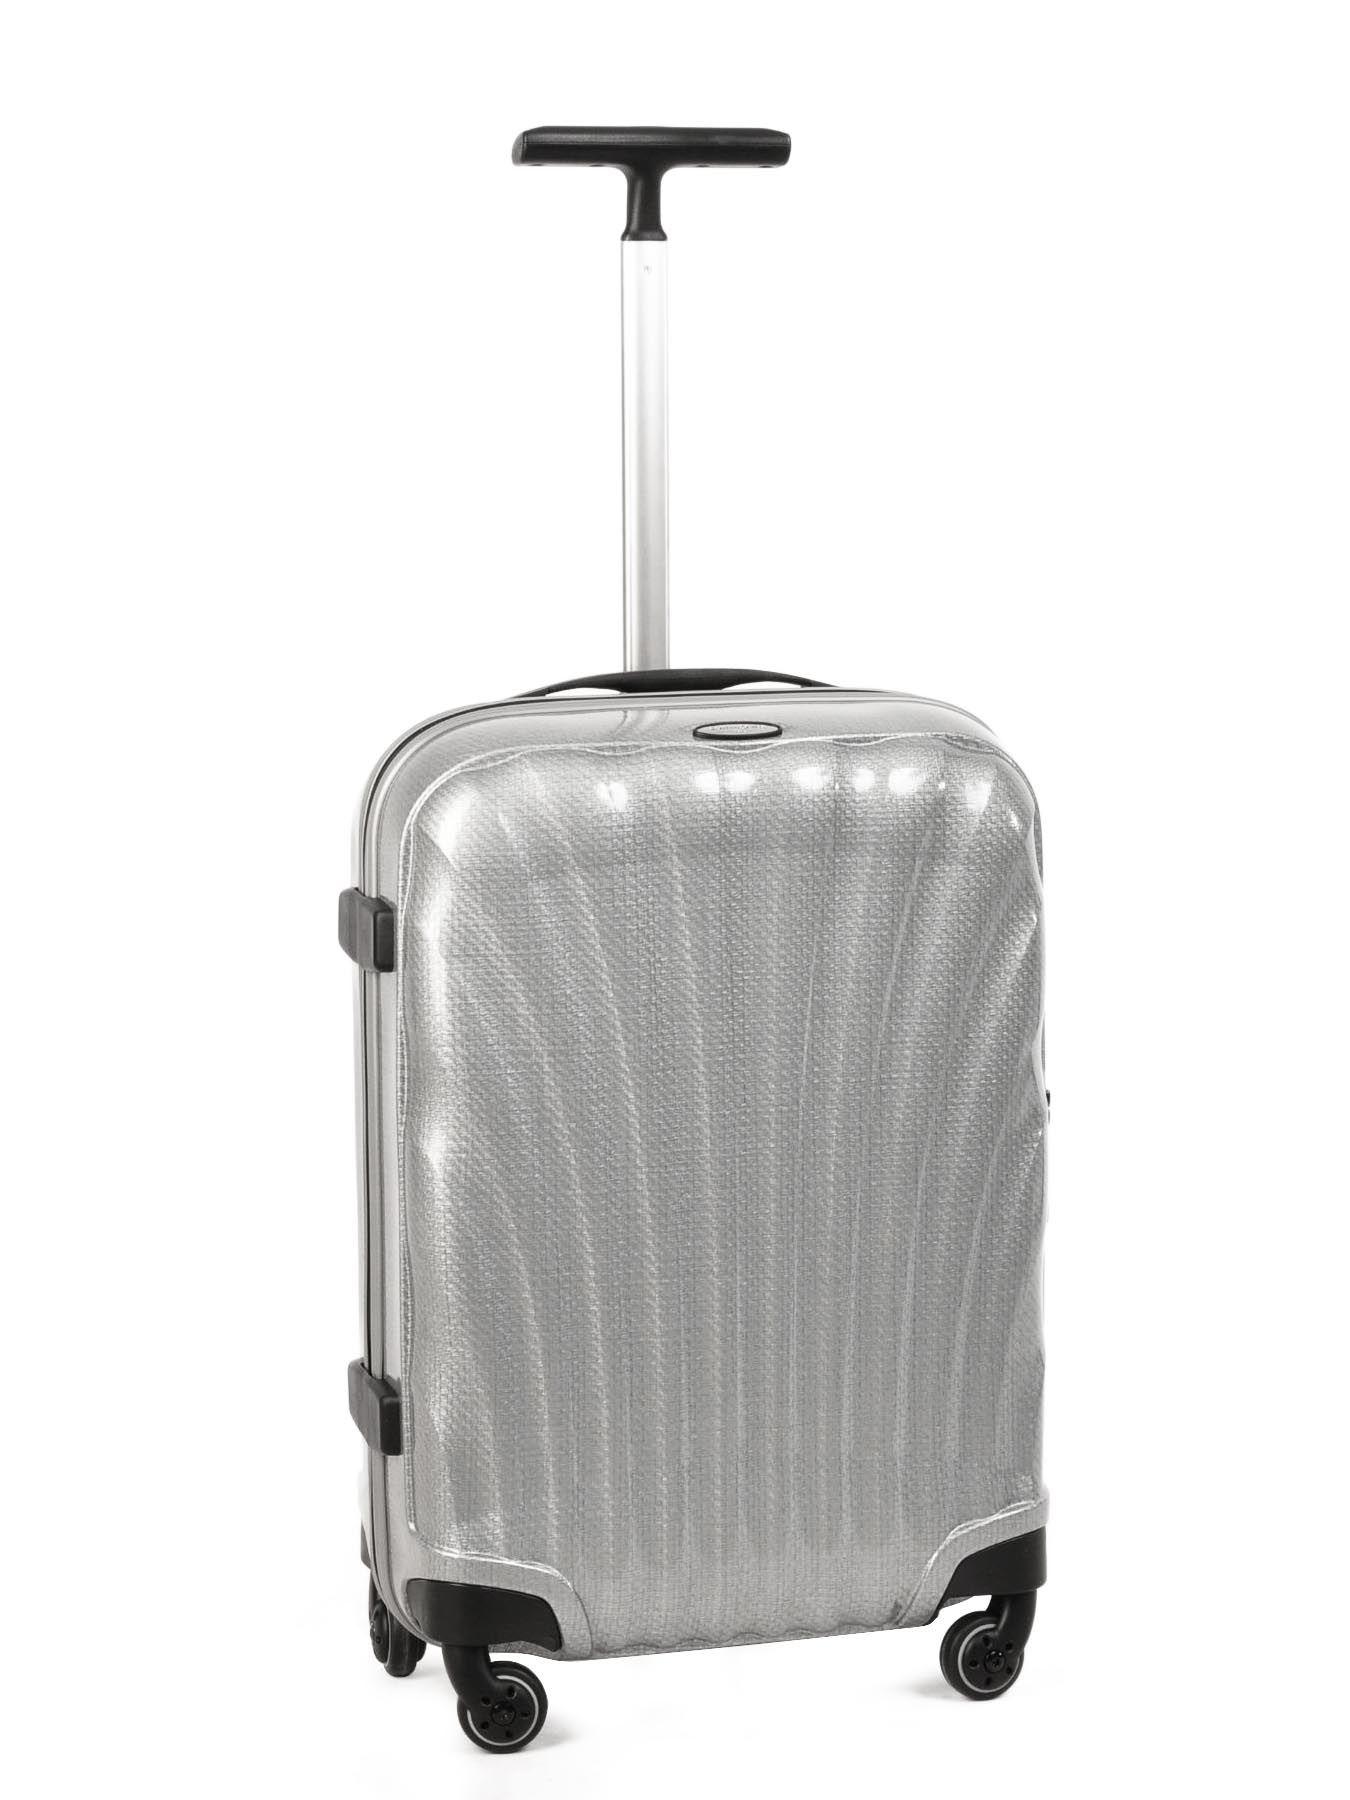 valise cabine samsonite silver cosmolite v22102. Black Bedroom Furniture Sets. Home Design Ideas